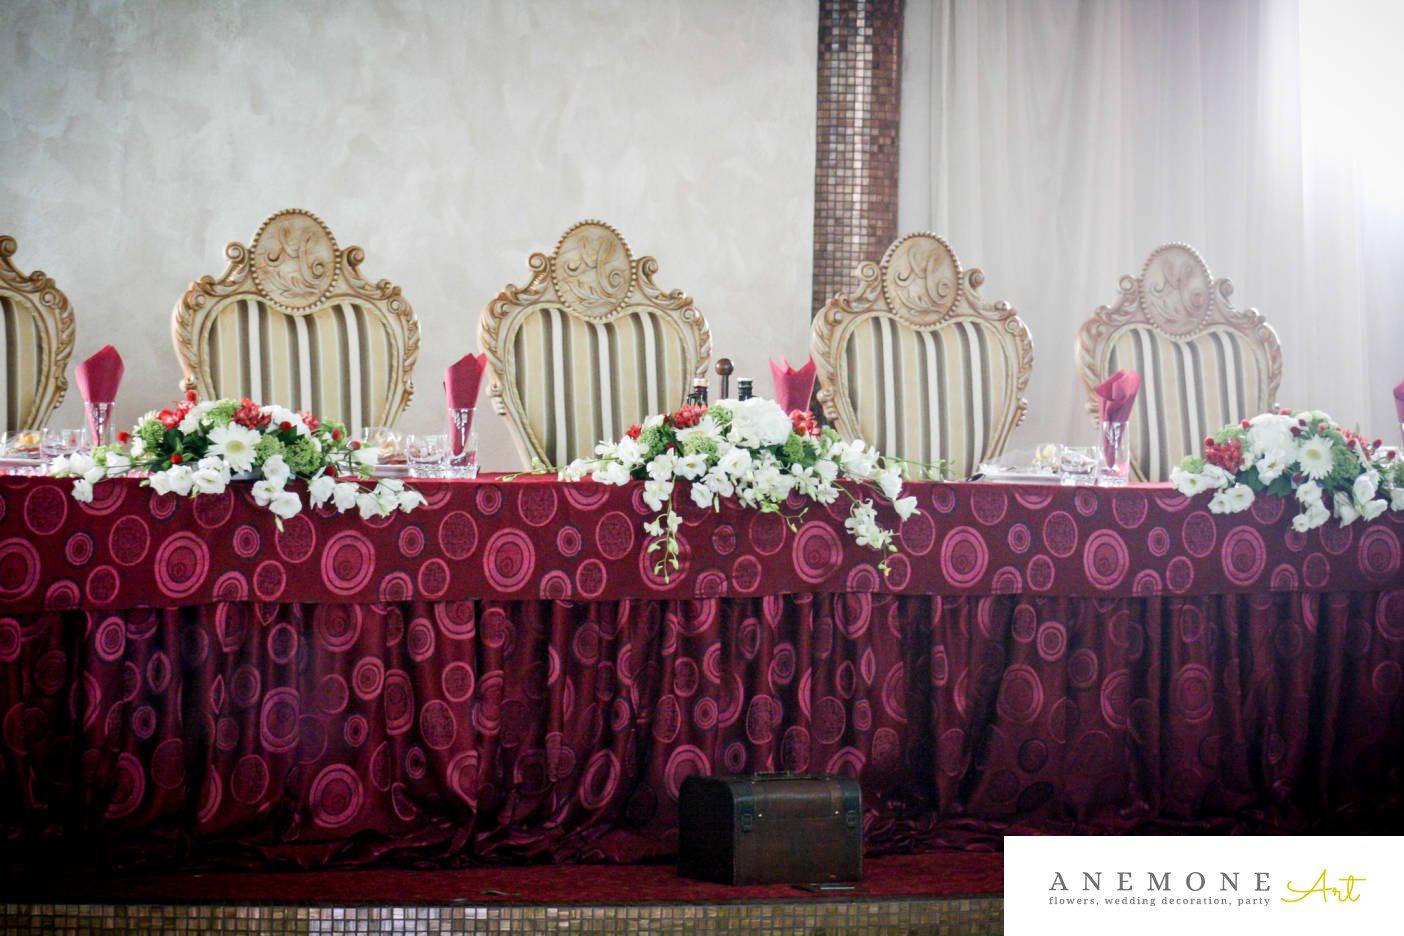 Poza, foto cu Flori de nunta cutie bani, lisianthus, orhidee, prezidiu in Arad, Timisoara, Oradea (wedding flowers, bouquets) nunta Arad, Timisoara, Oradea